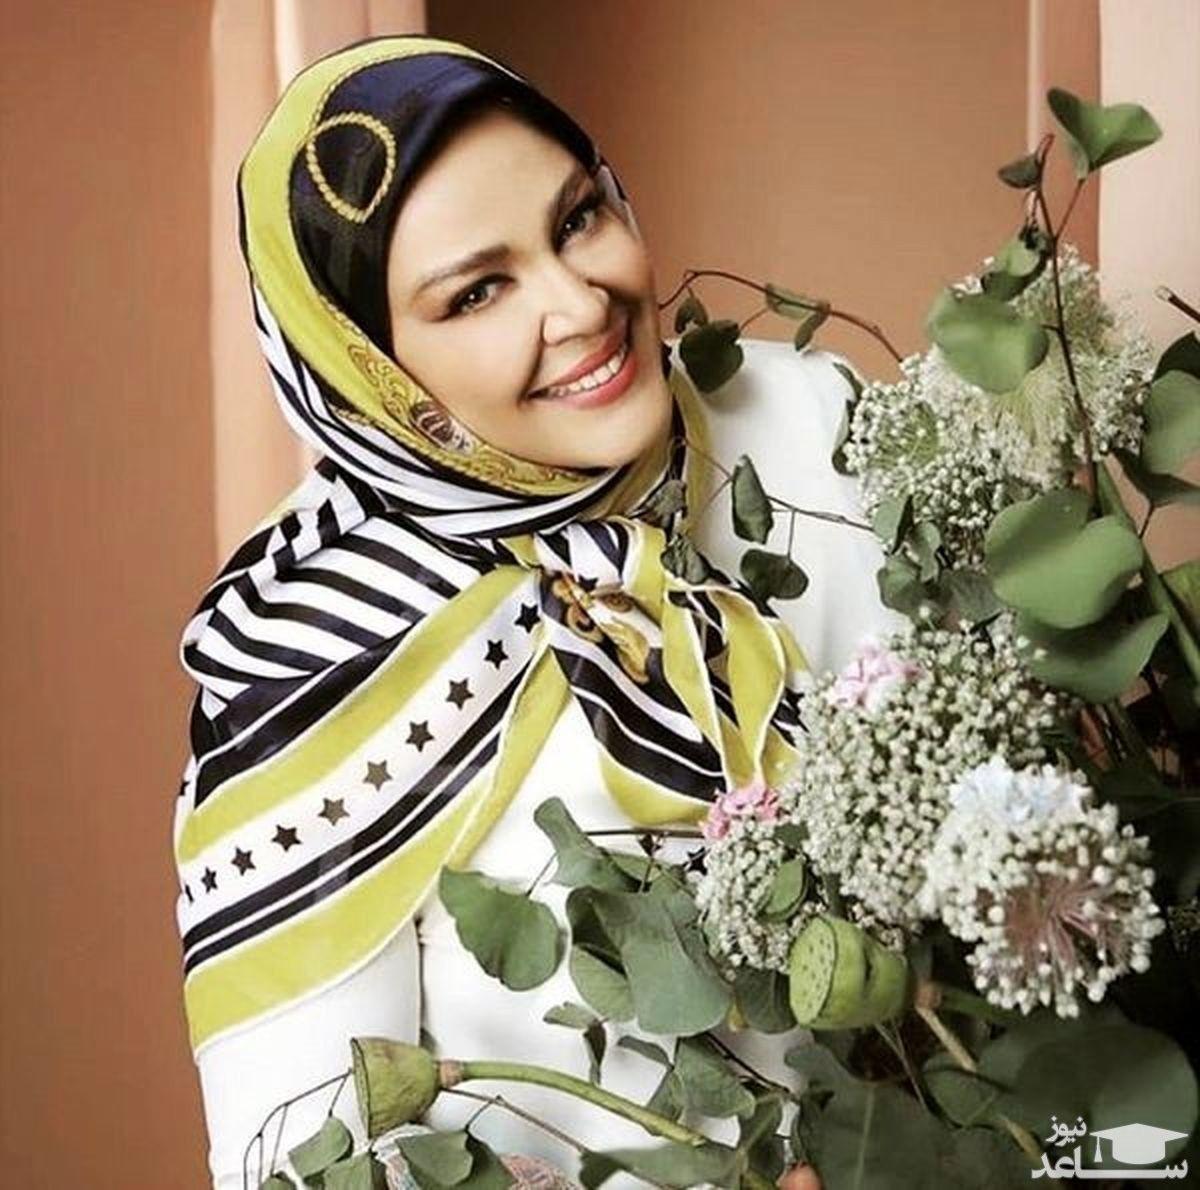 عکس دیدنی بهاره رهنما در تولد همسرش+عکس